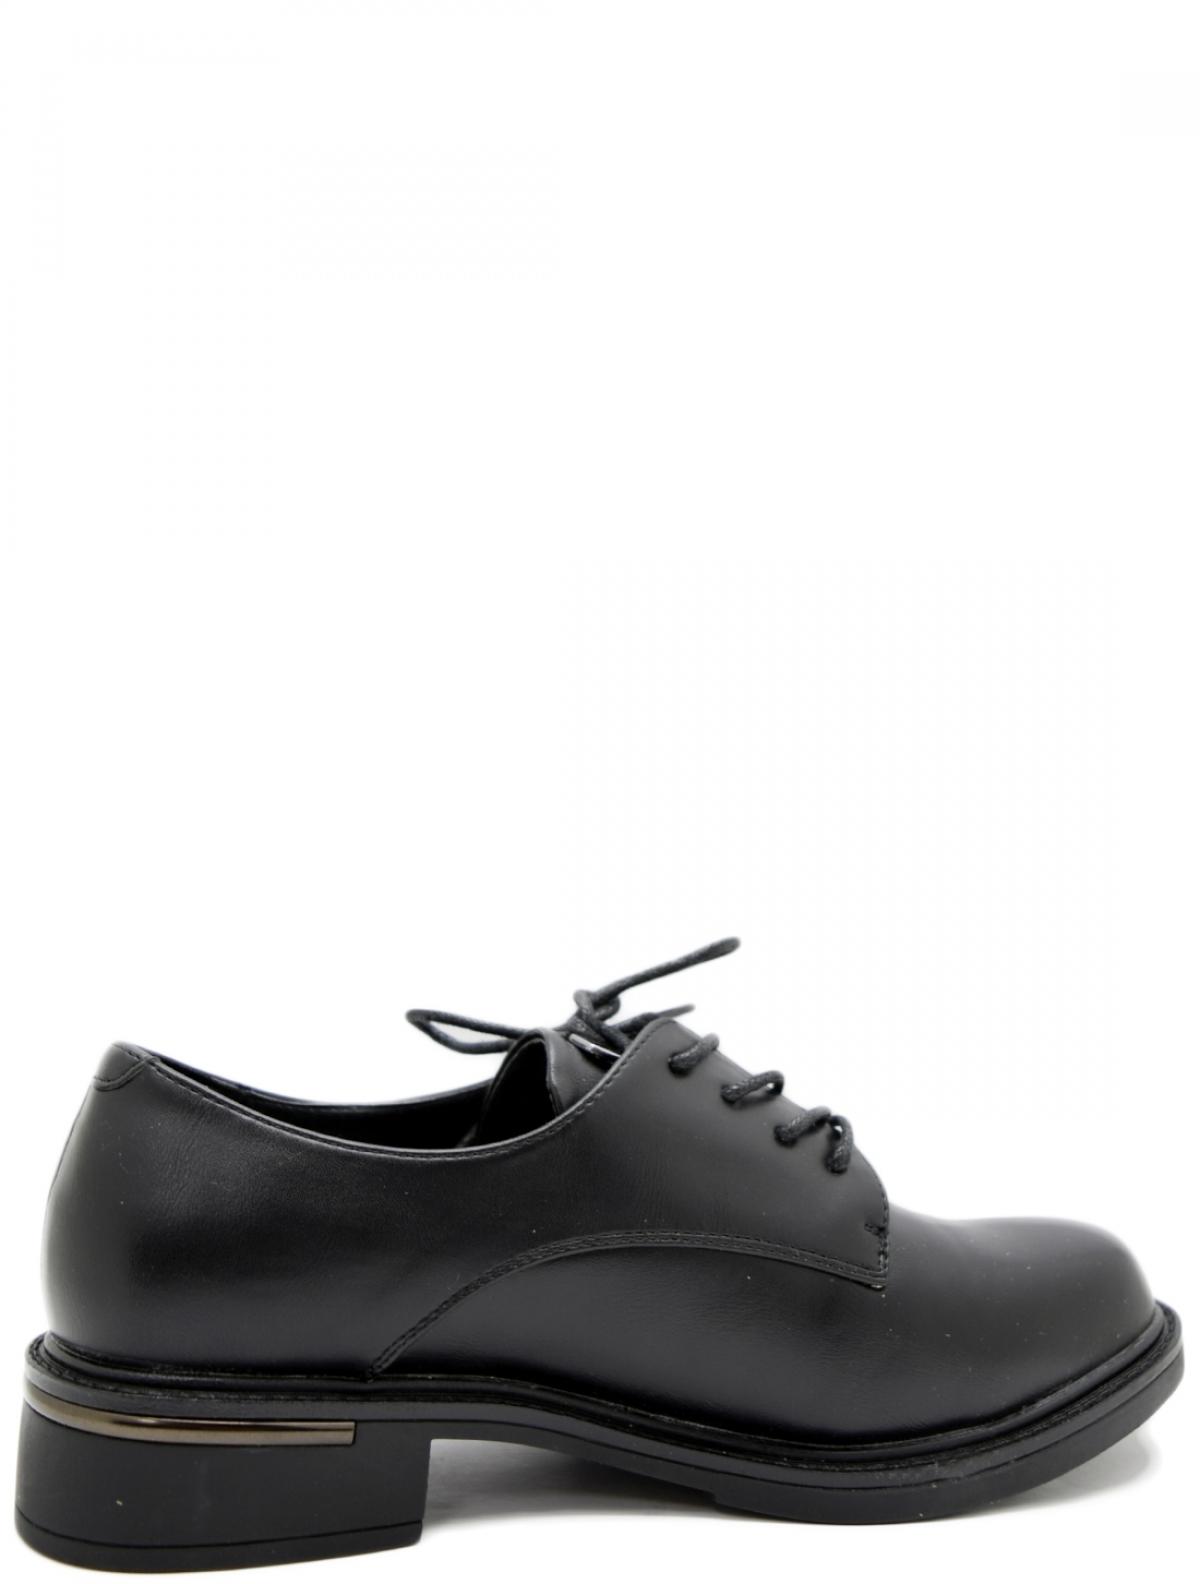 Fassen RP017-030 женские п/ботинки